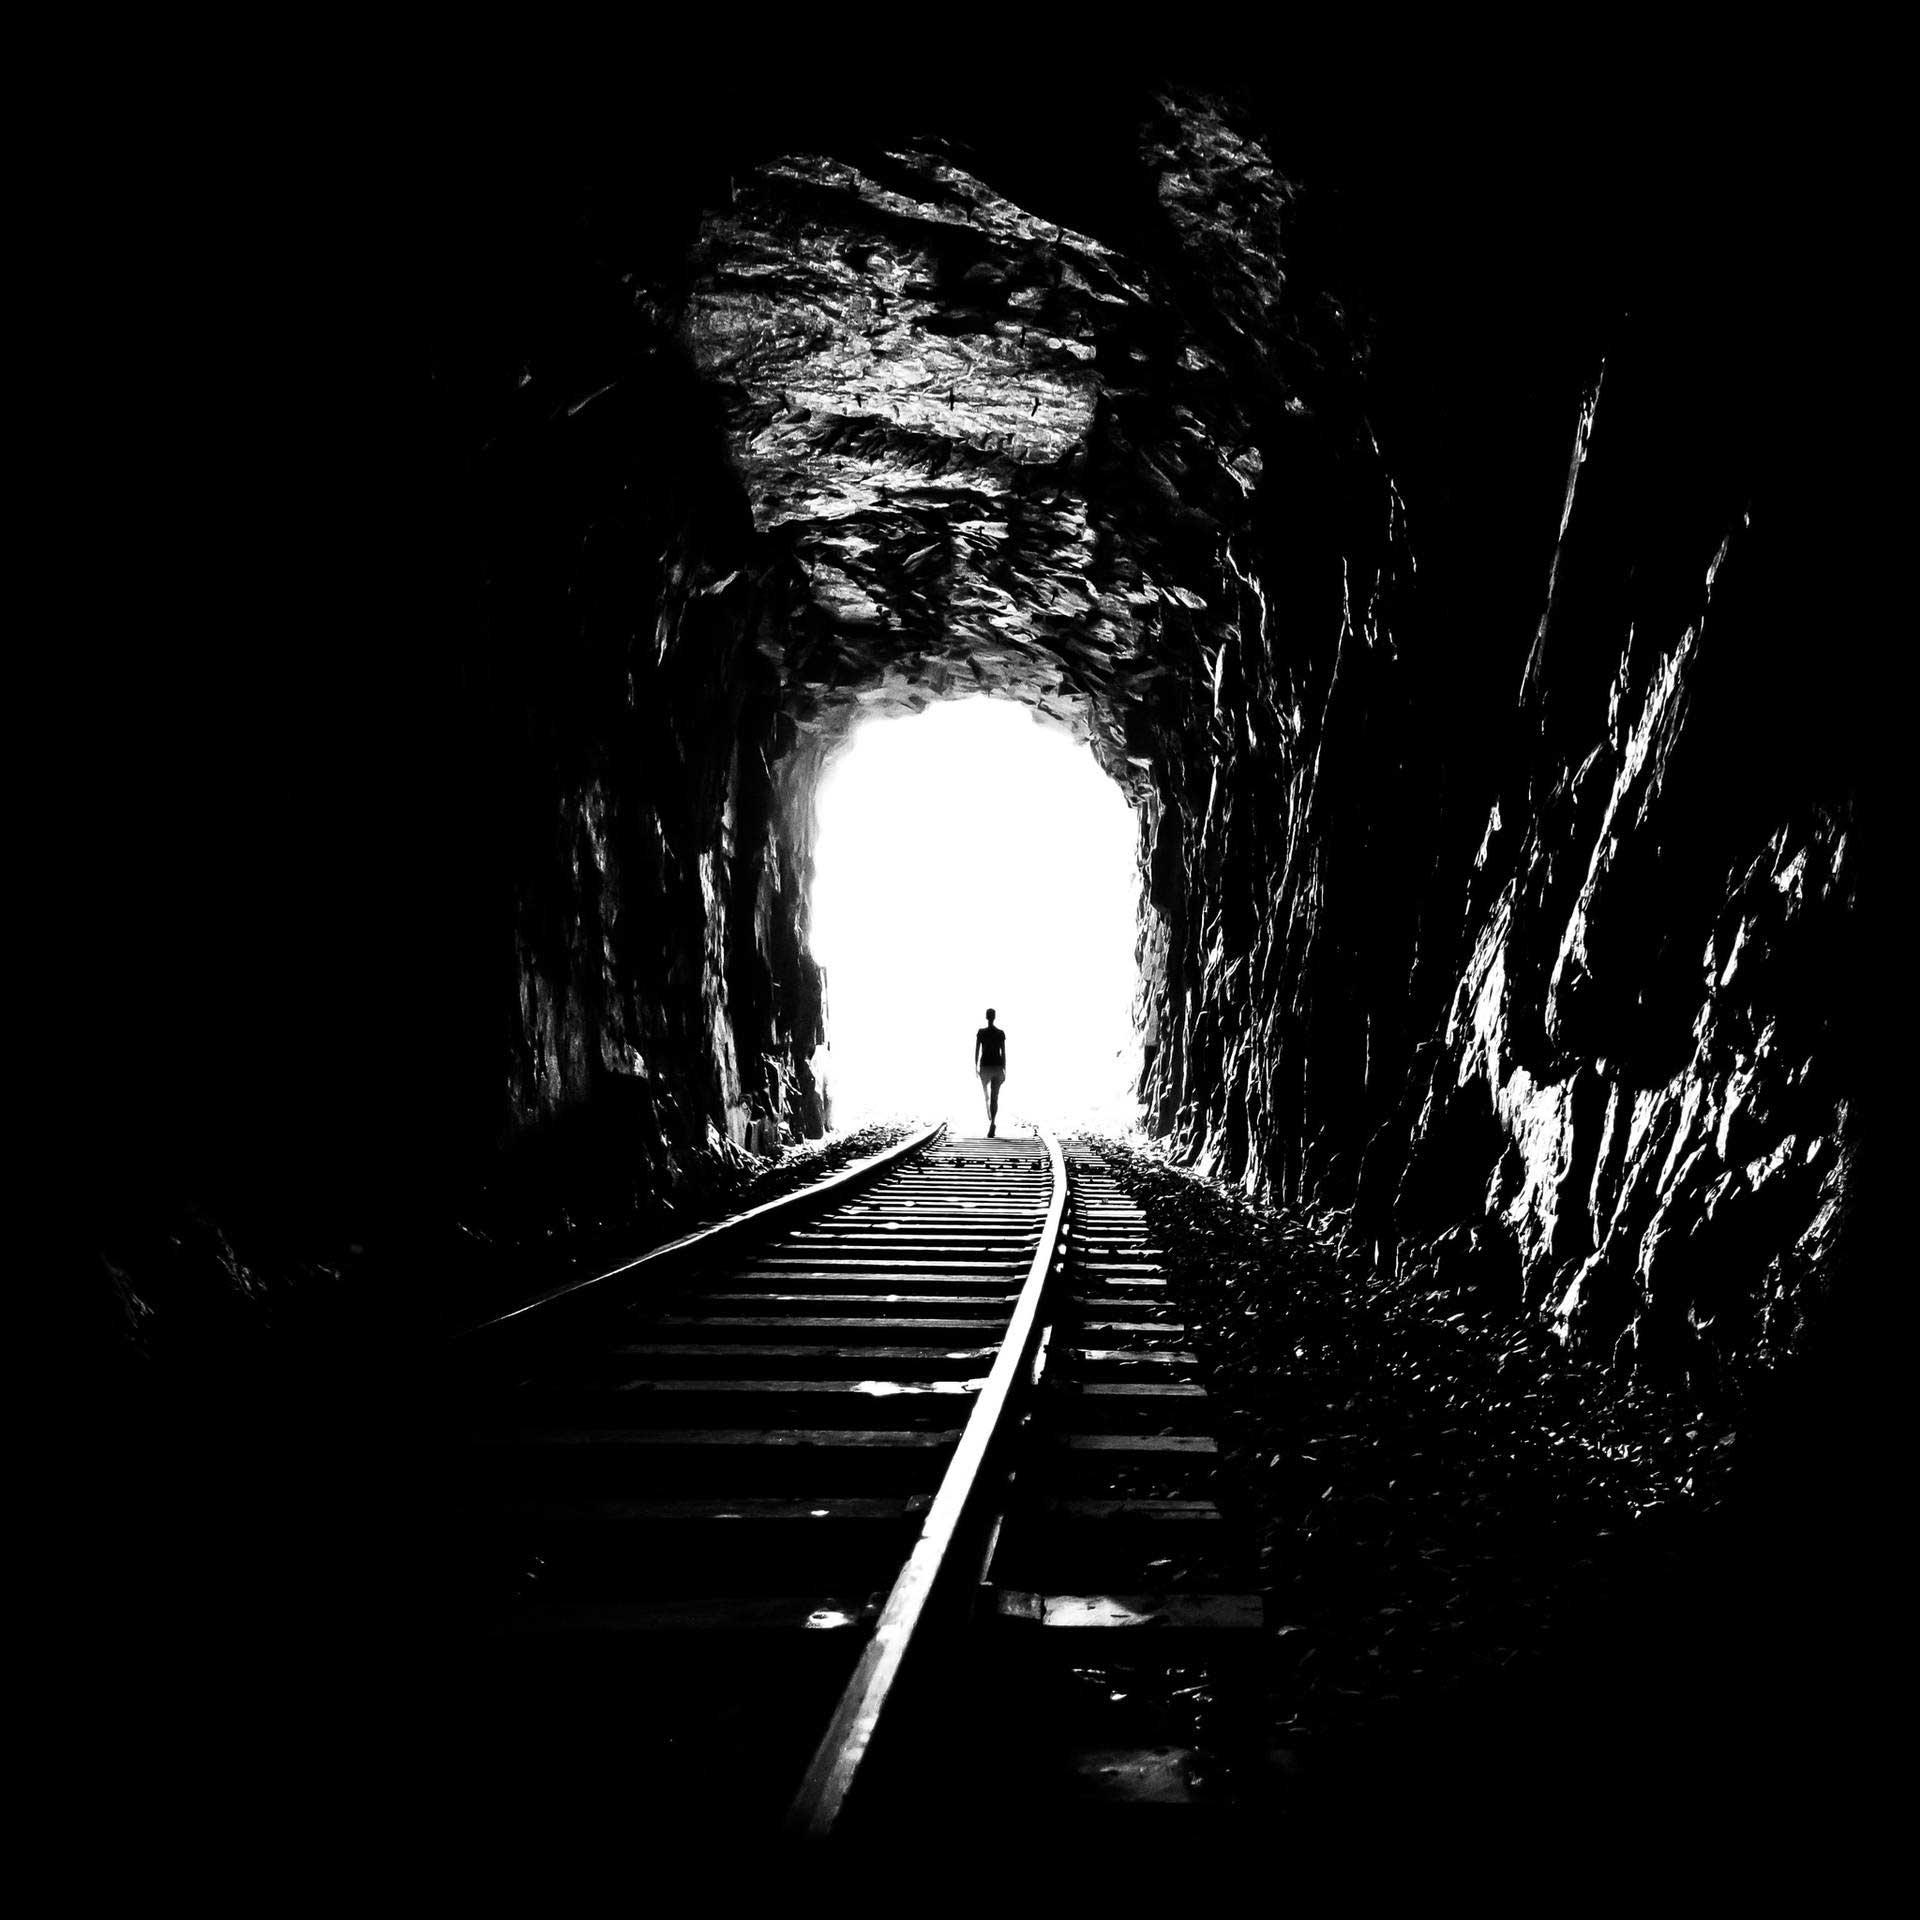 как-найти-выход-из-депрессии